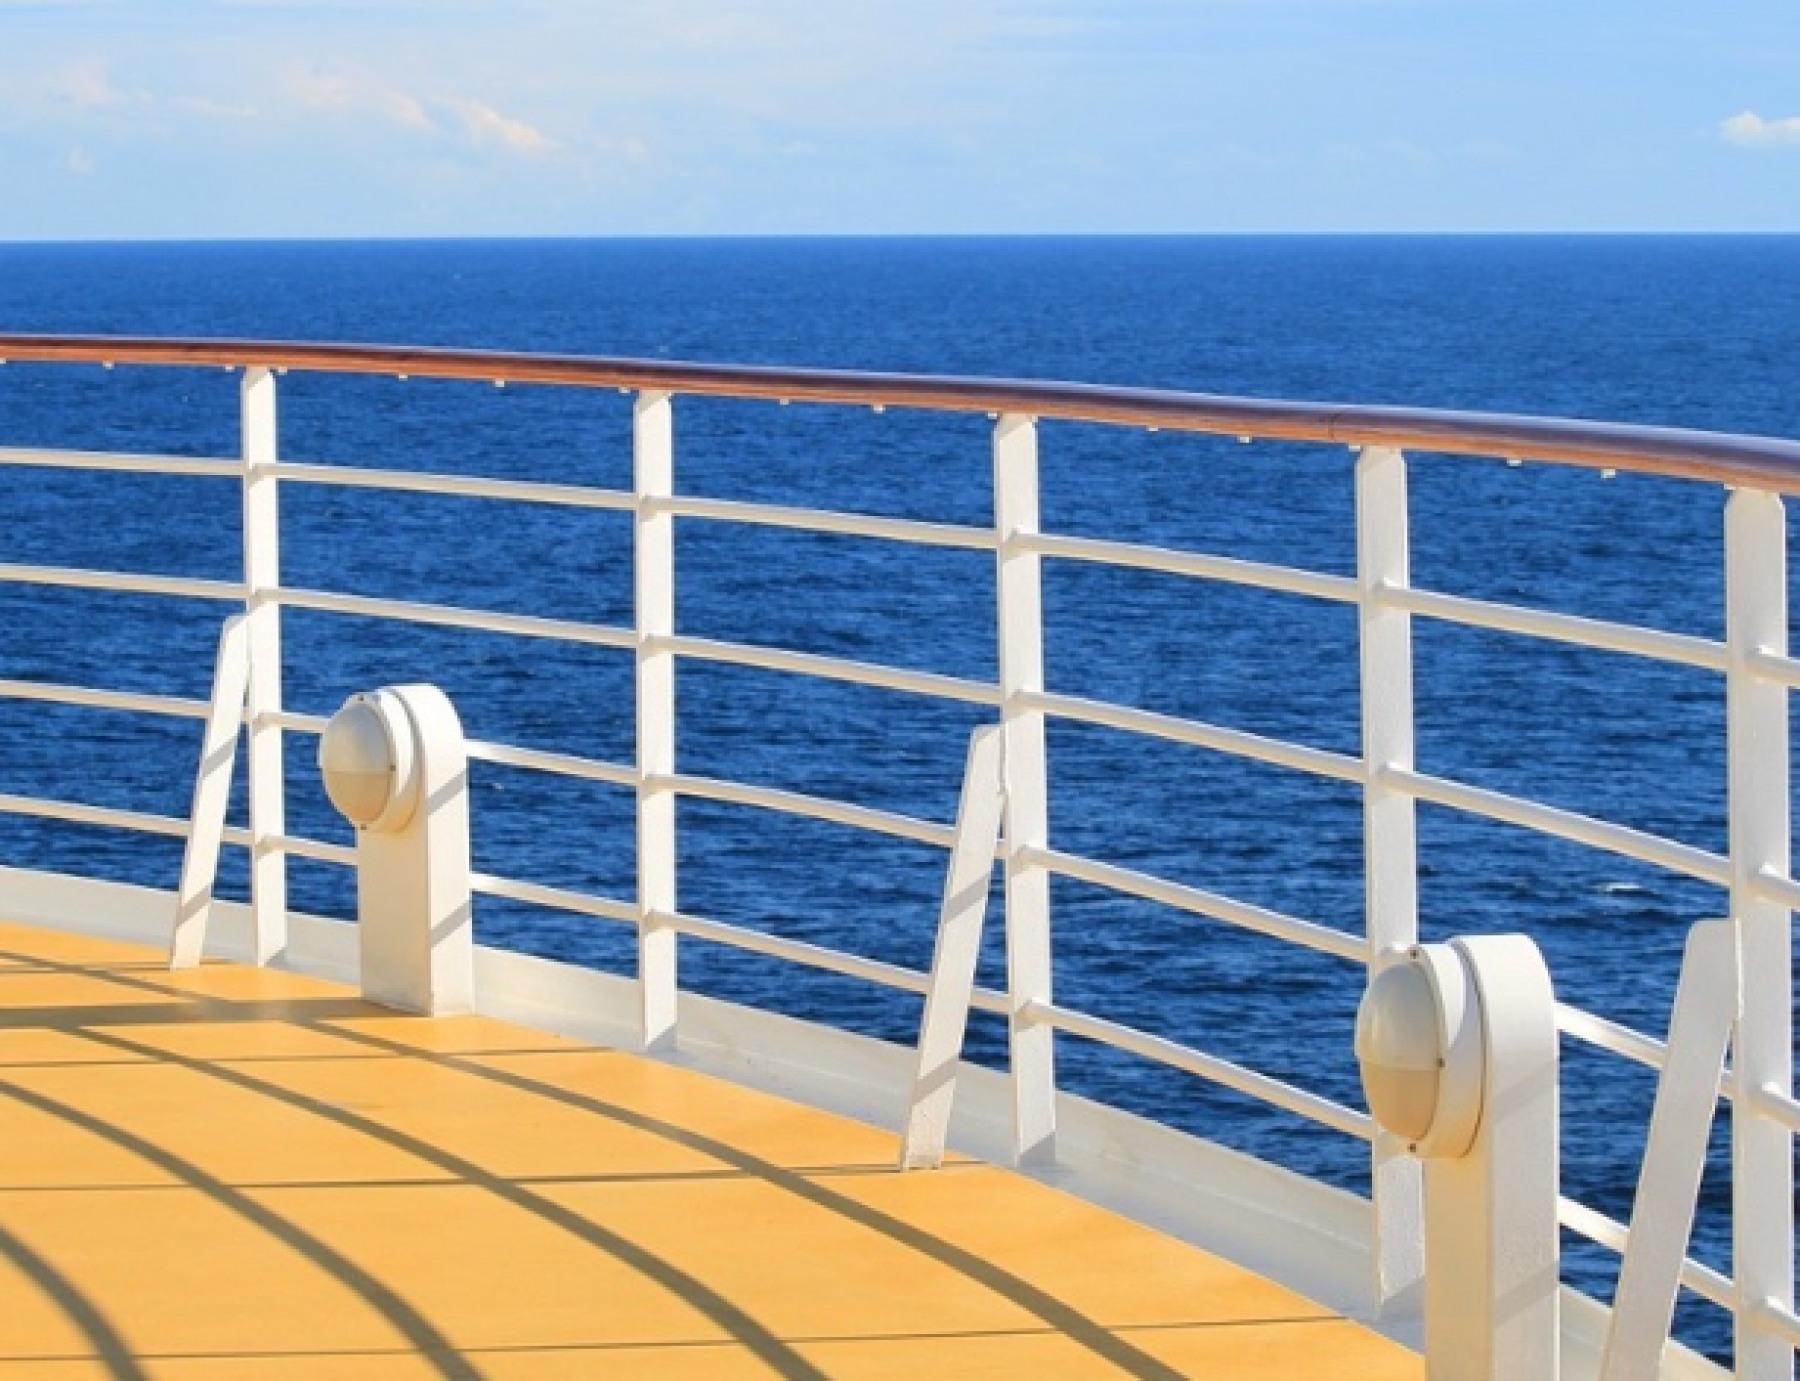 Princess Cruises Coral Class sabatinis.jpg